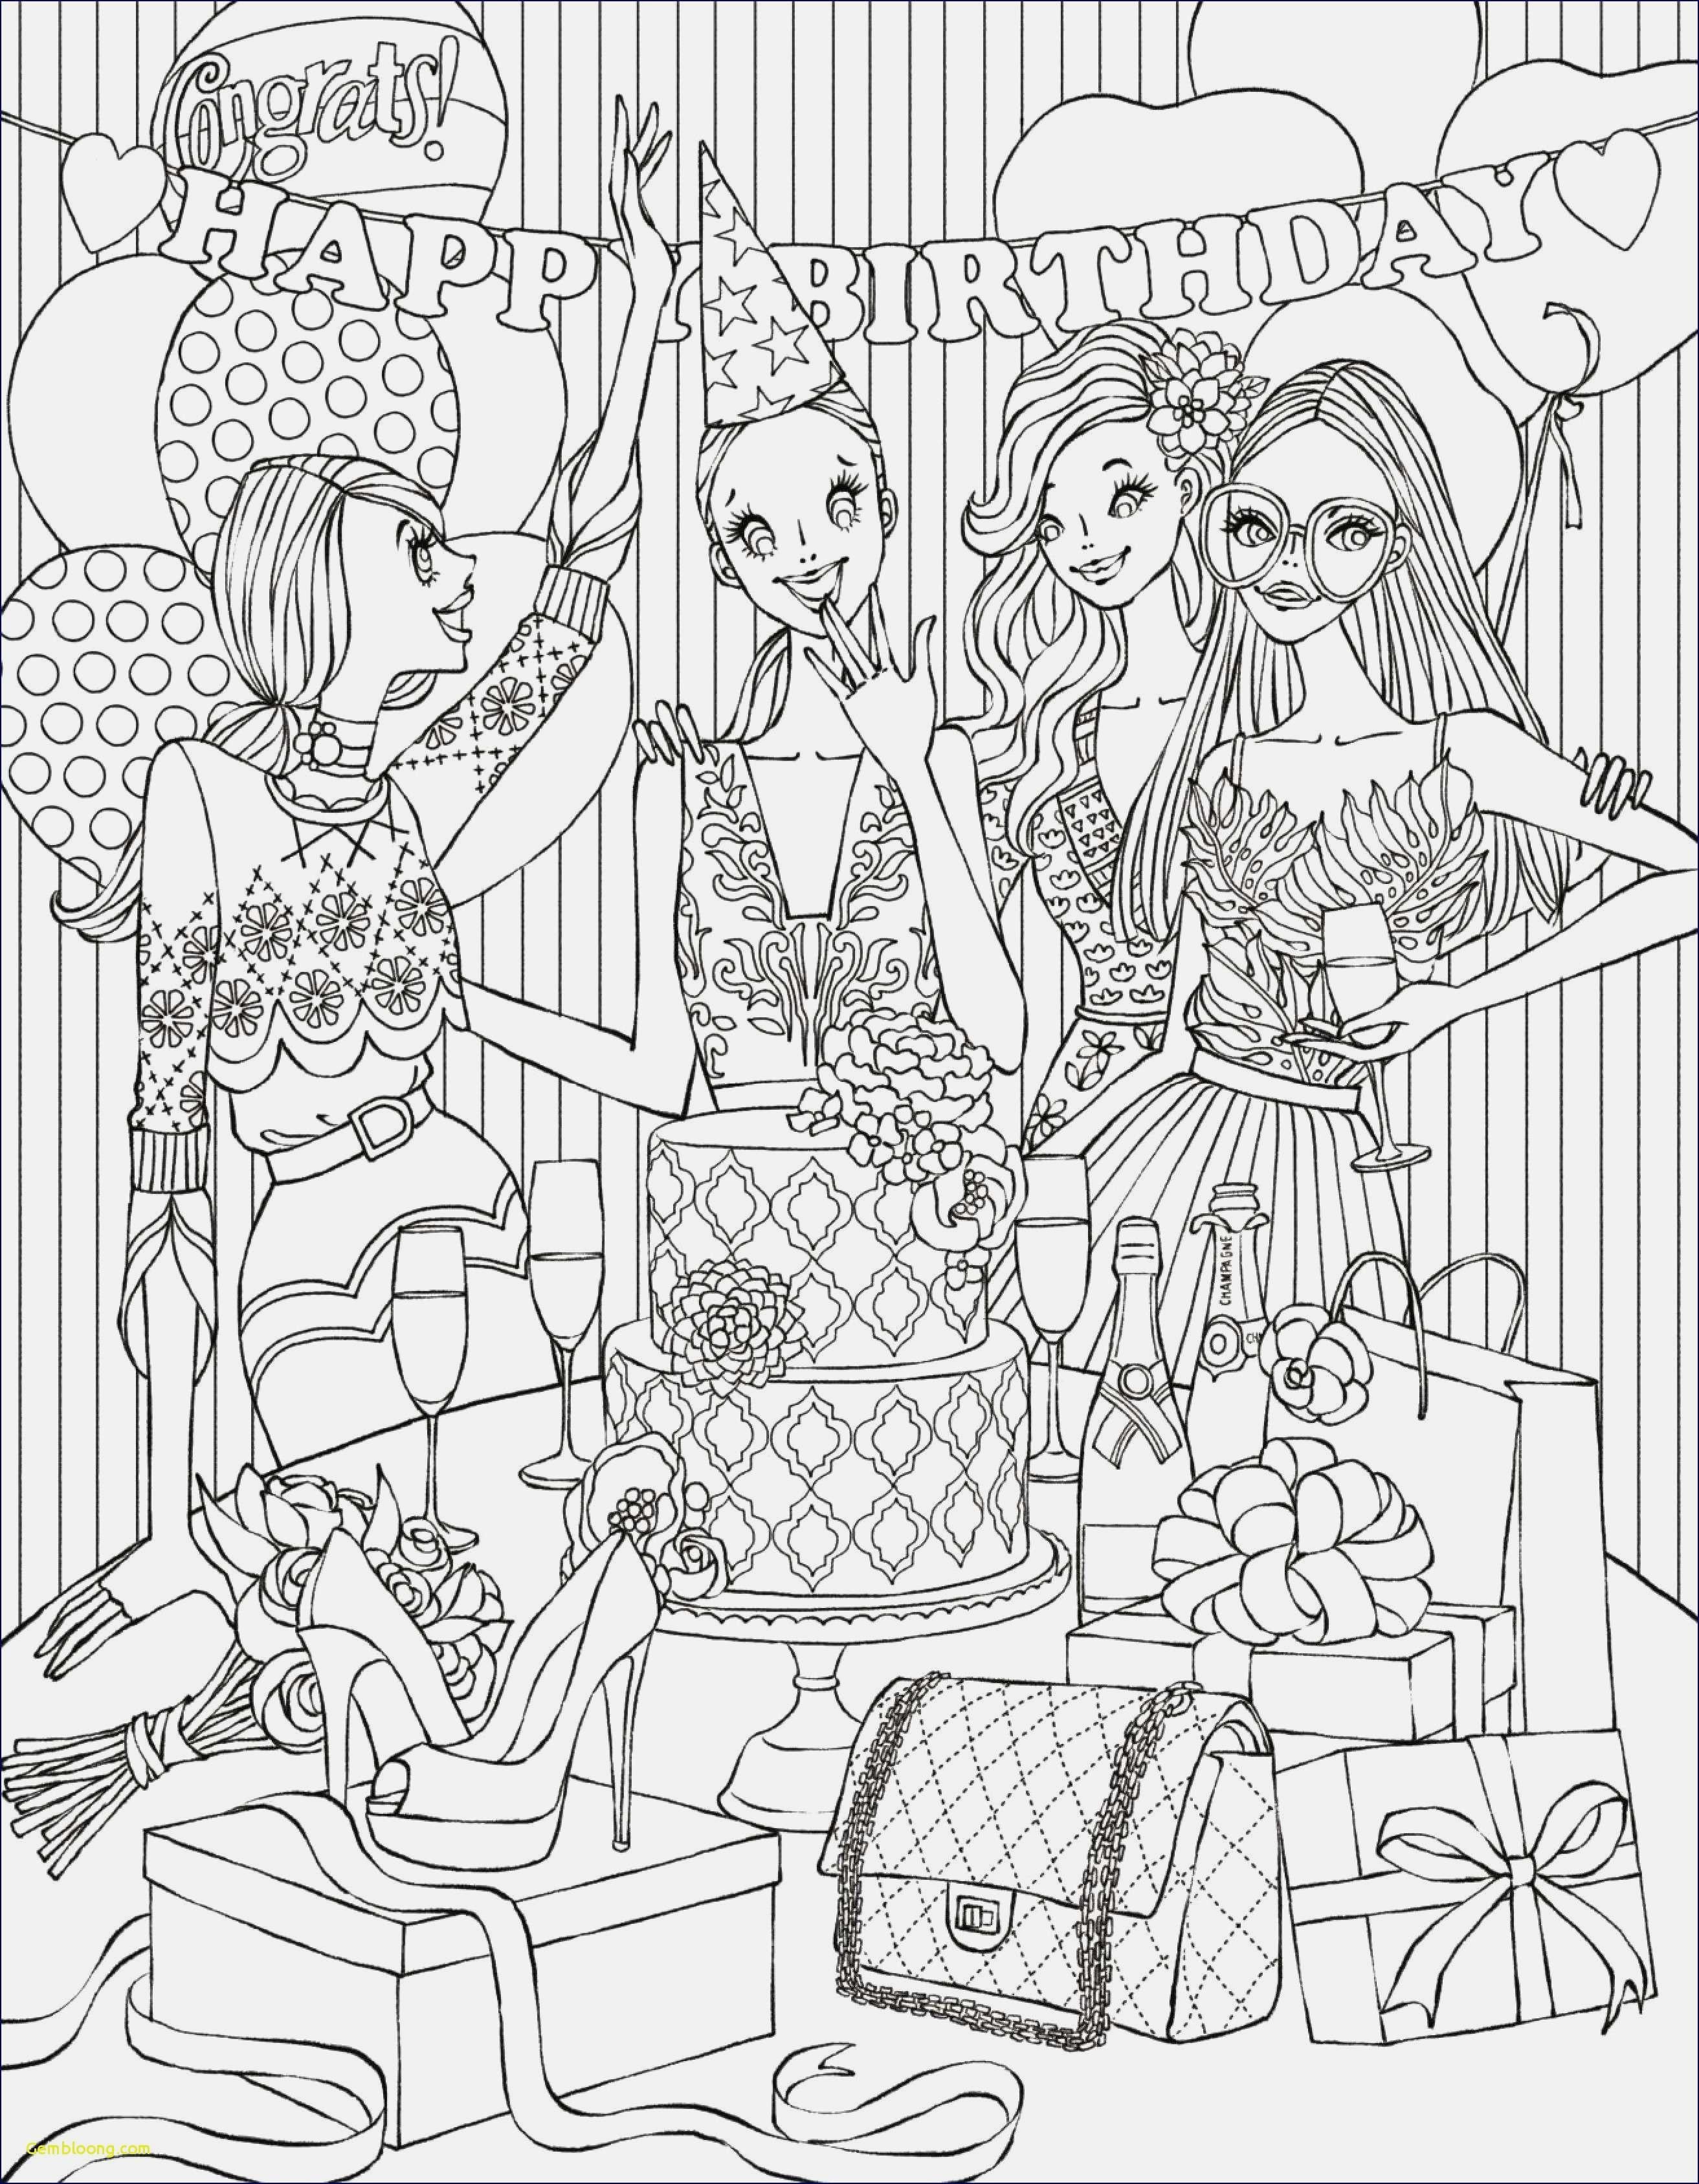 Ausmalbilder Disney Prinzessinnen Einzigartig Ausmalbilder Krampus Bildergalerie & Bilder Zum Ausmalen Disney Stock